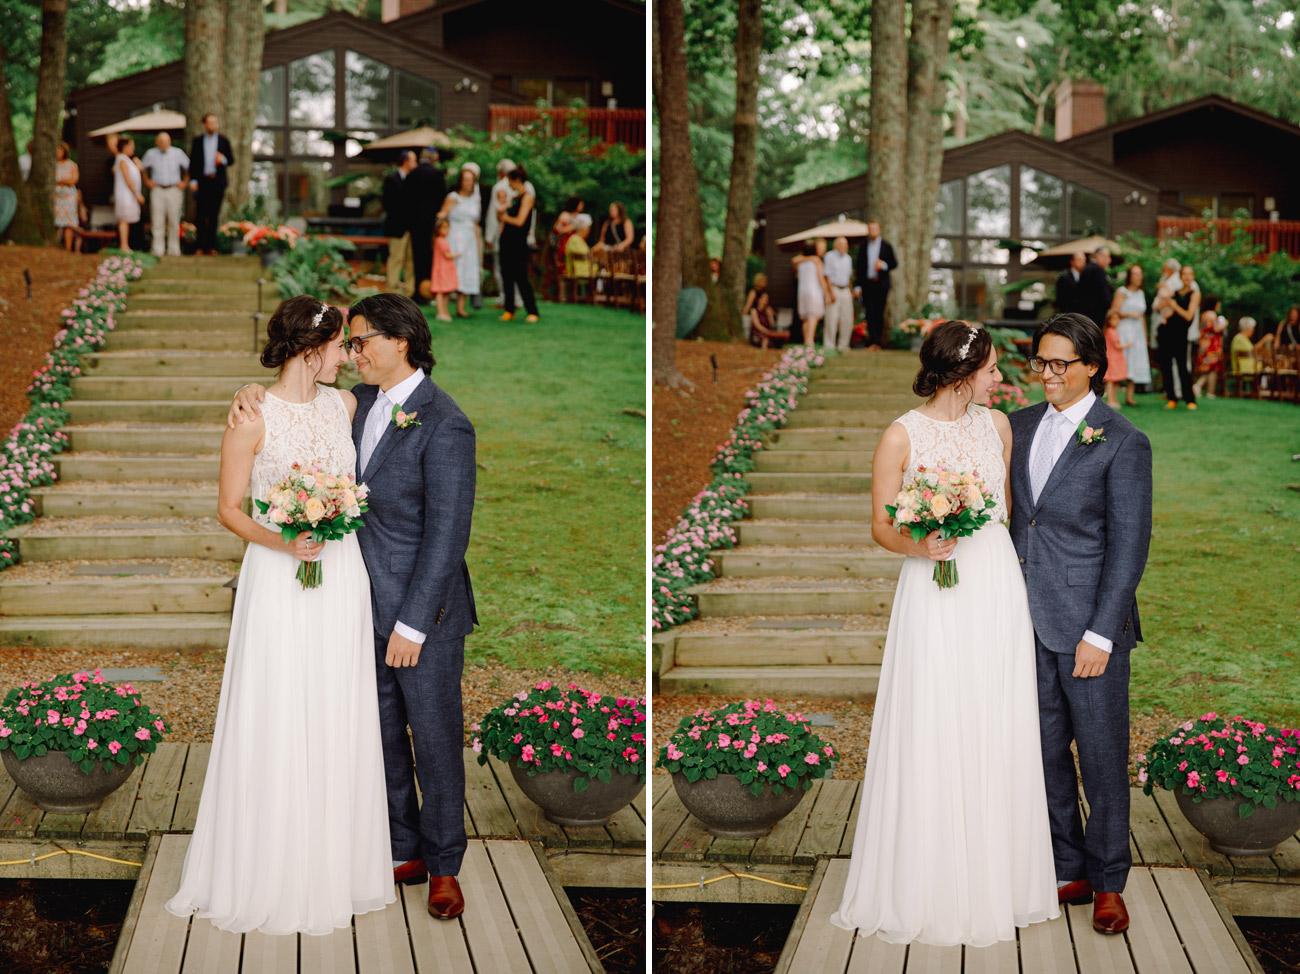 capecod_backyard_wedding_photos_mikhail_6.JPG